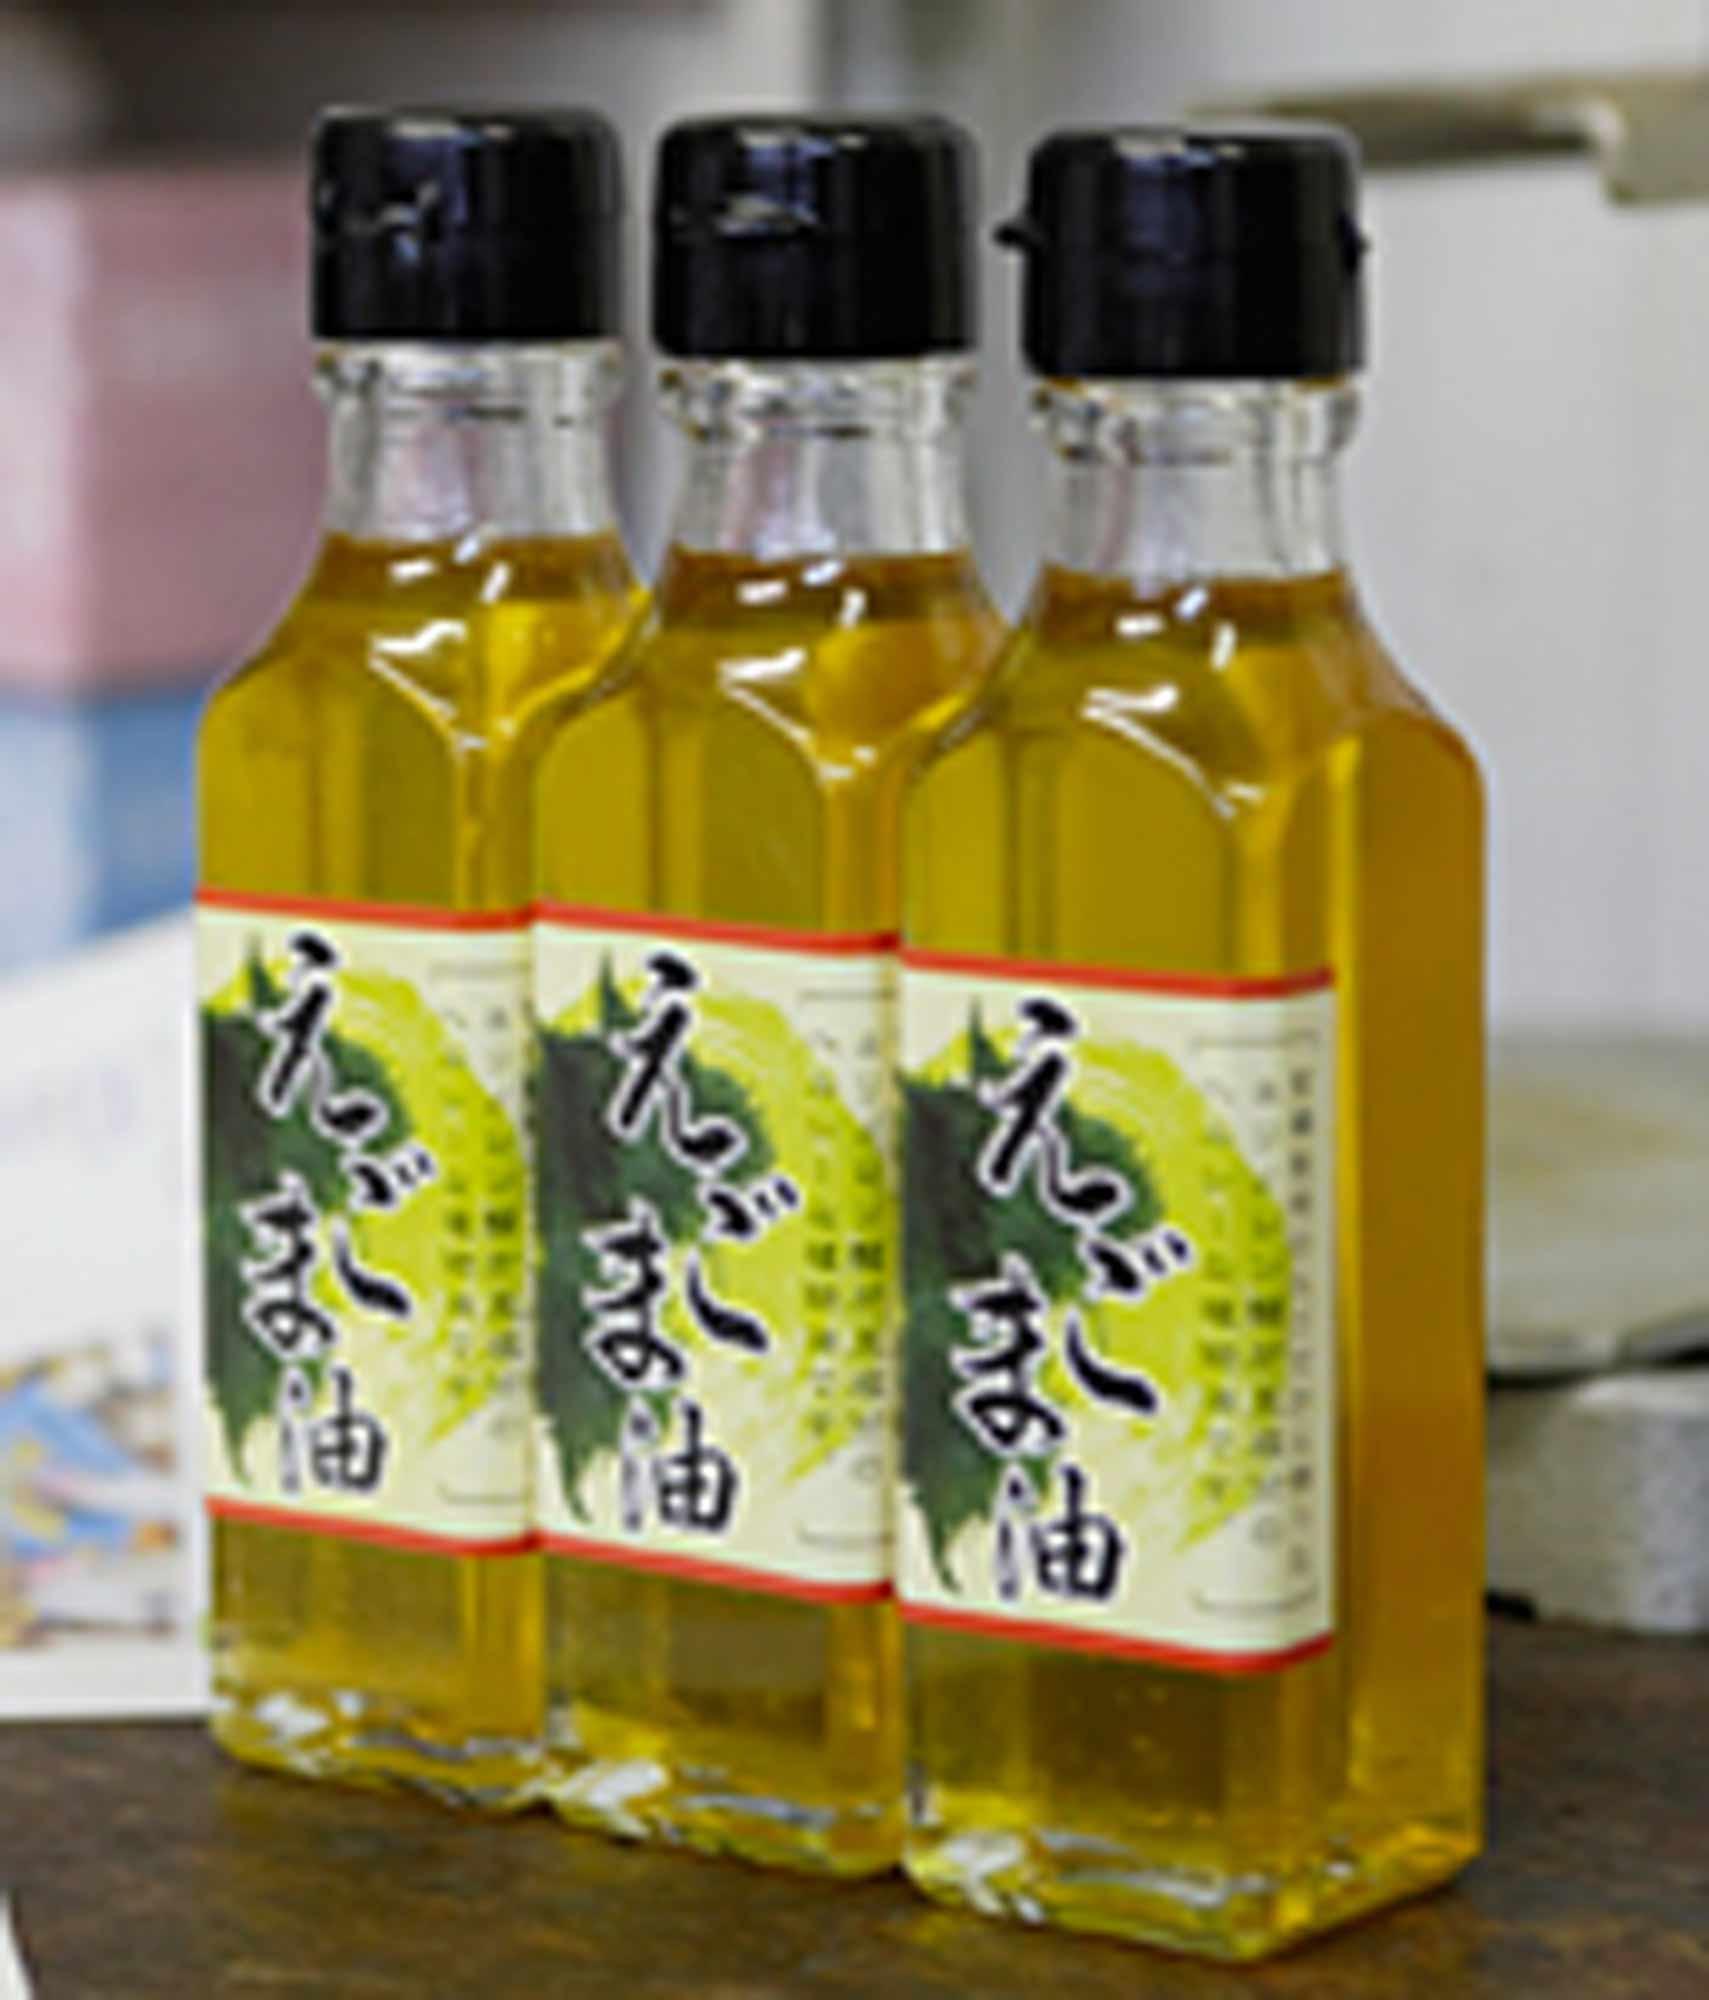 山形県アンテナショップおいしい山形 つくり手を訪ねて|戸沢村エゴマの会:香ばしいゴマならではの香りが楽しめる無添加エゴマ油。